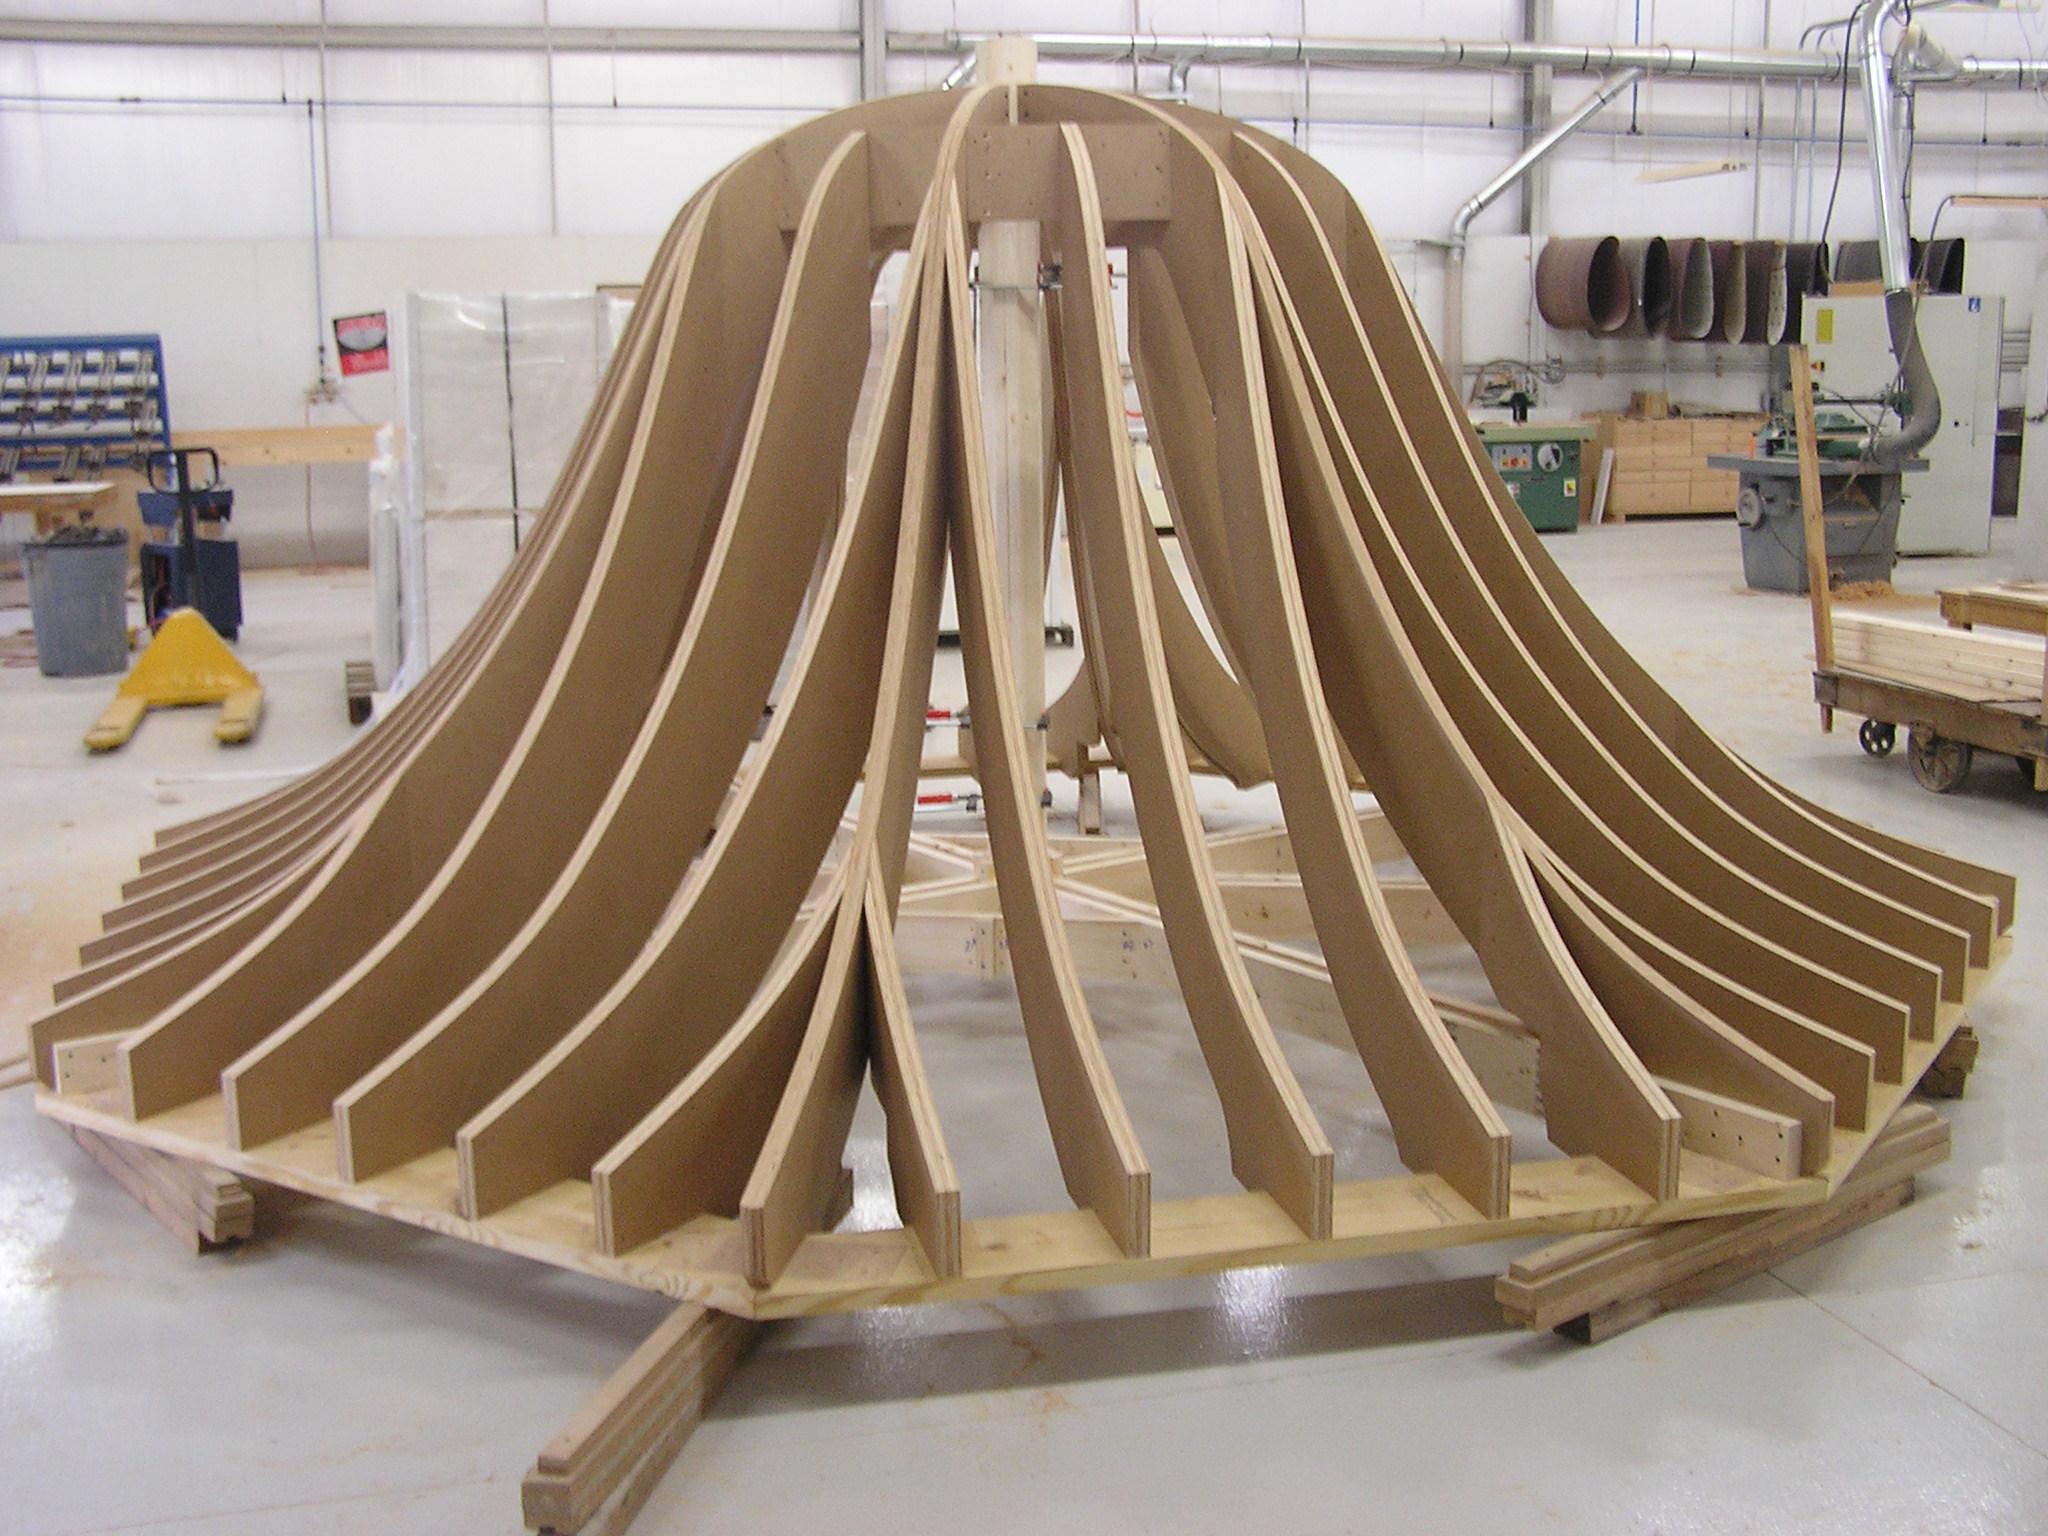 Cnc furniture plans gazebo slo-tech.us